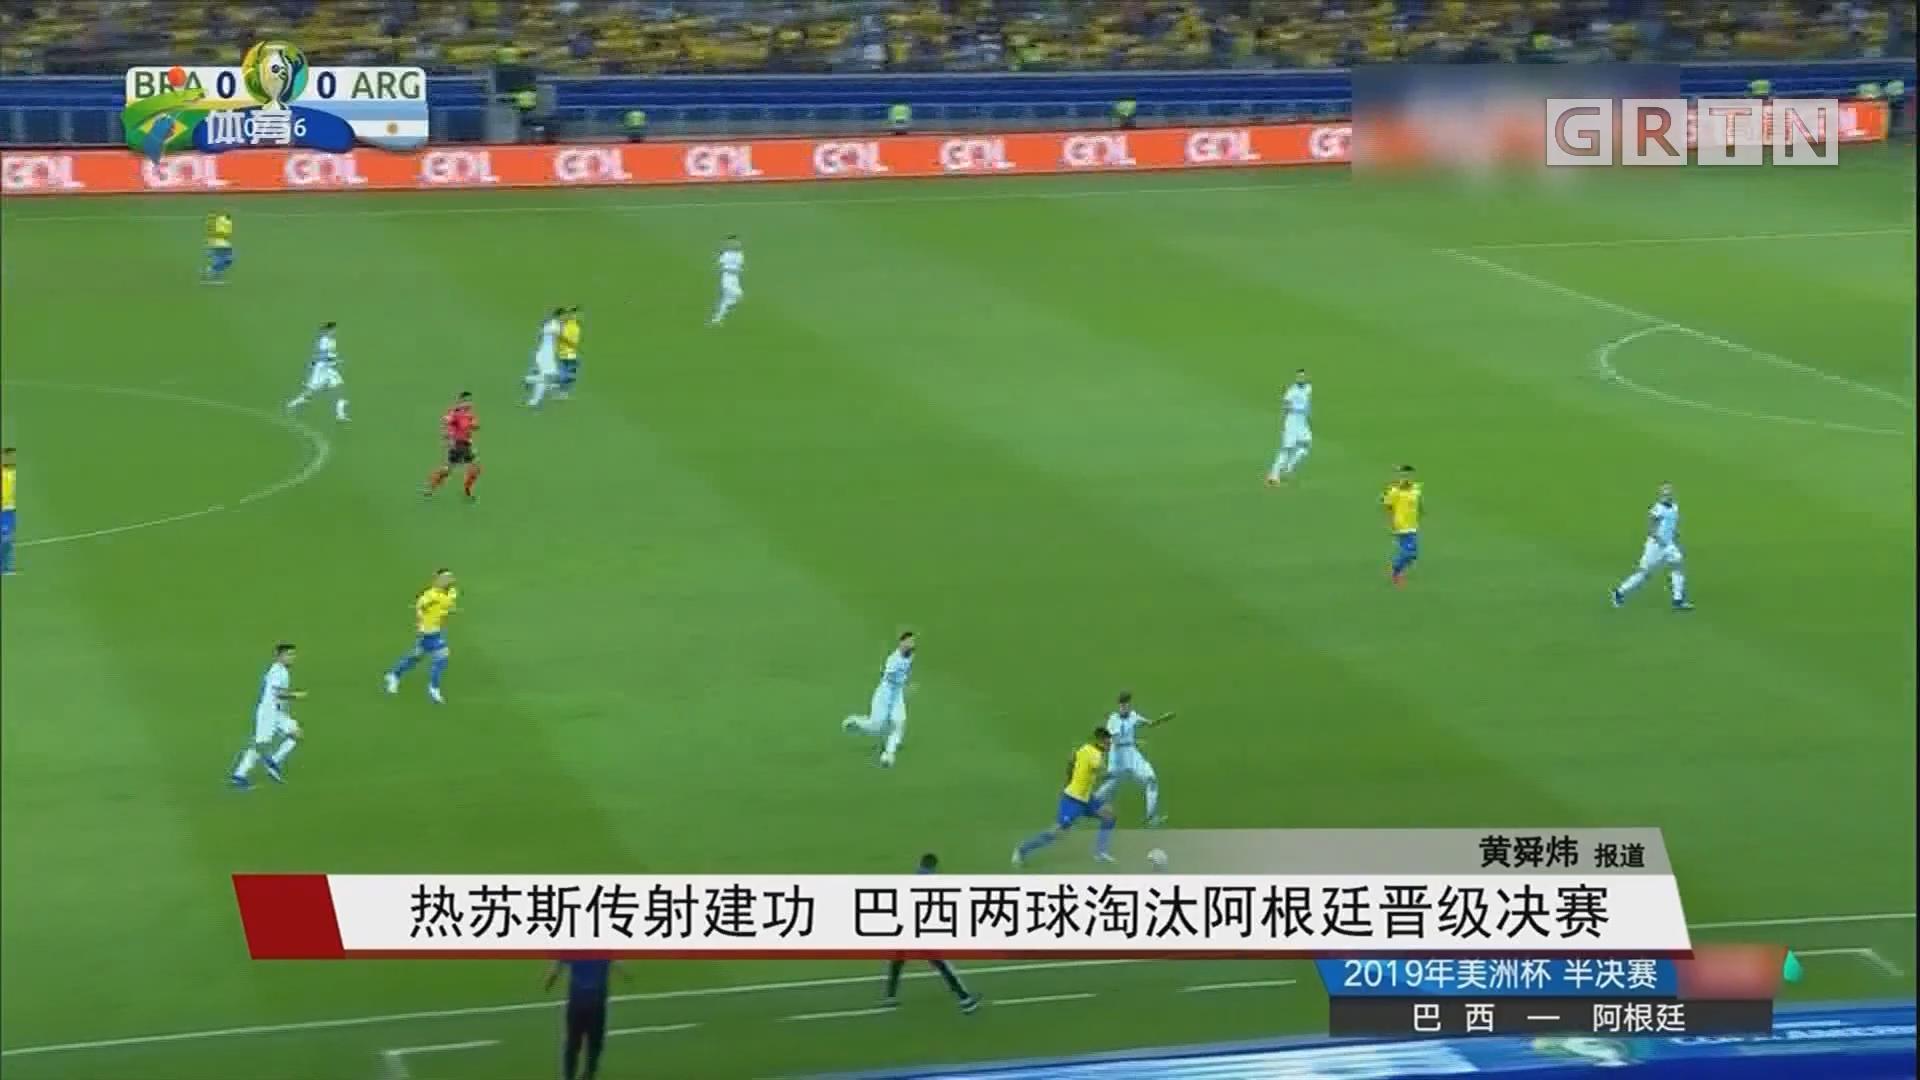 热苏斯传射建功 巴西两球淘汰阿根廷晋级决赛